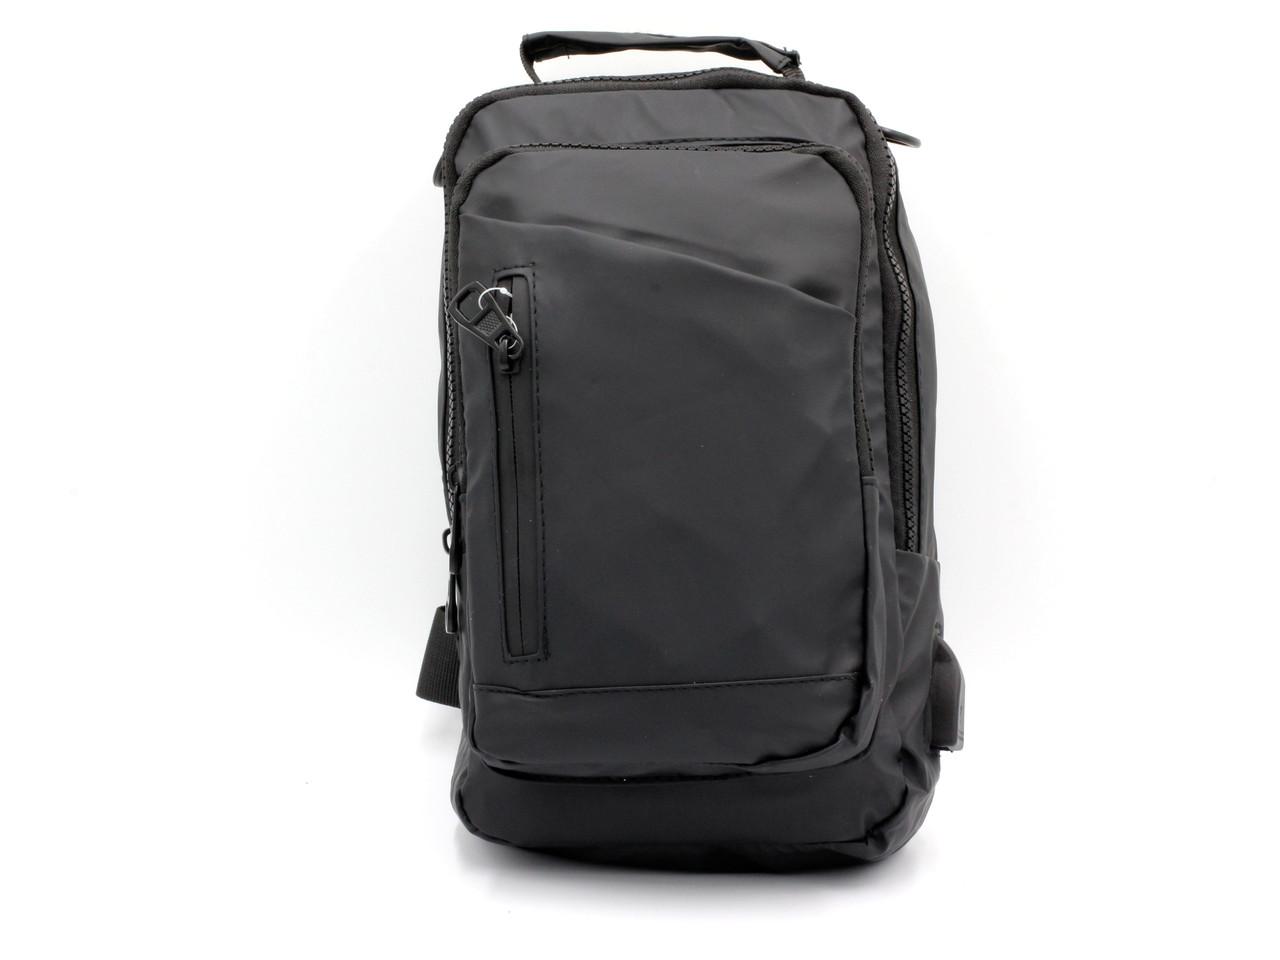 Мужская сумка (бананка-сленг) через плечо из мягкой ткани черного цвета.